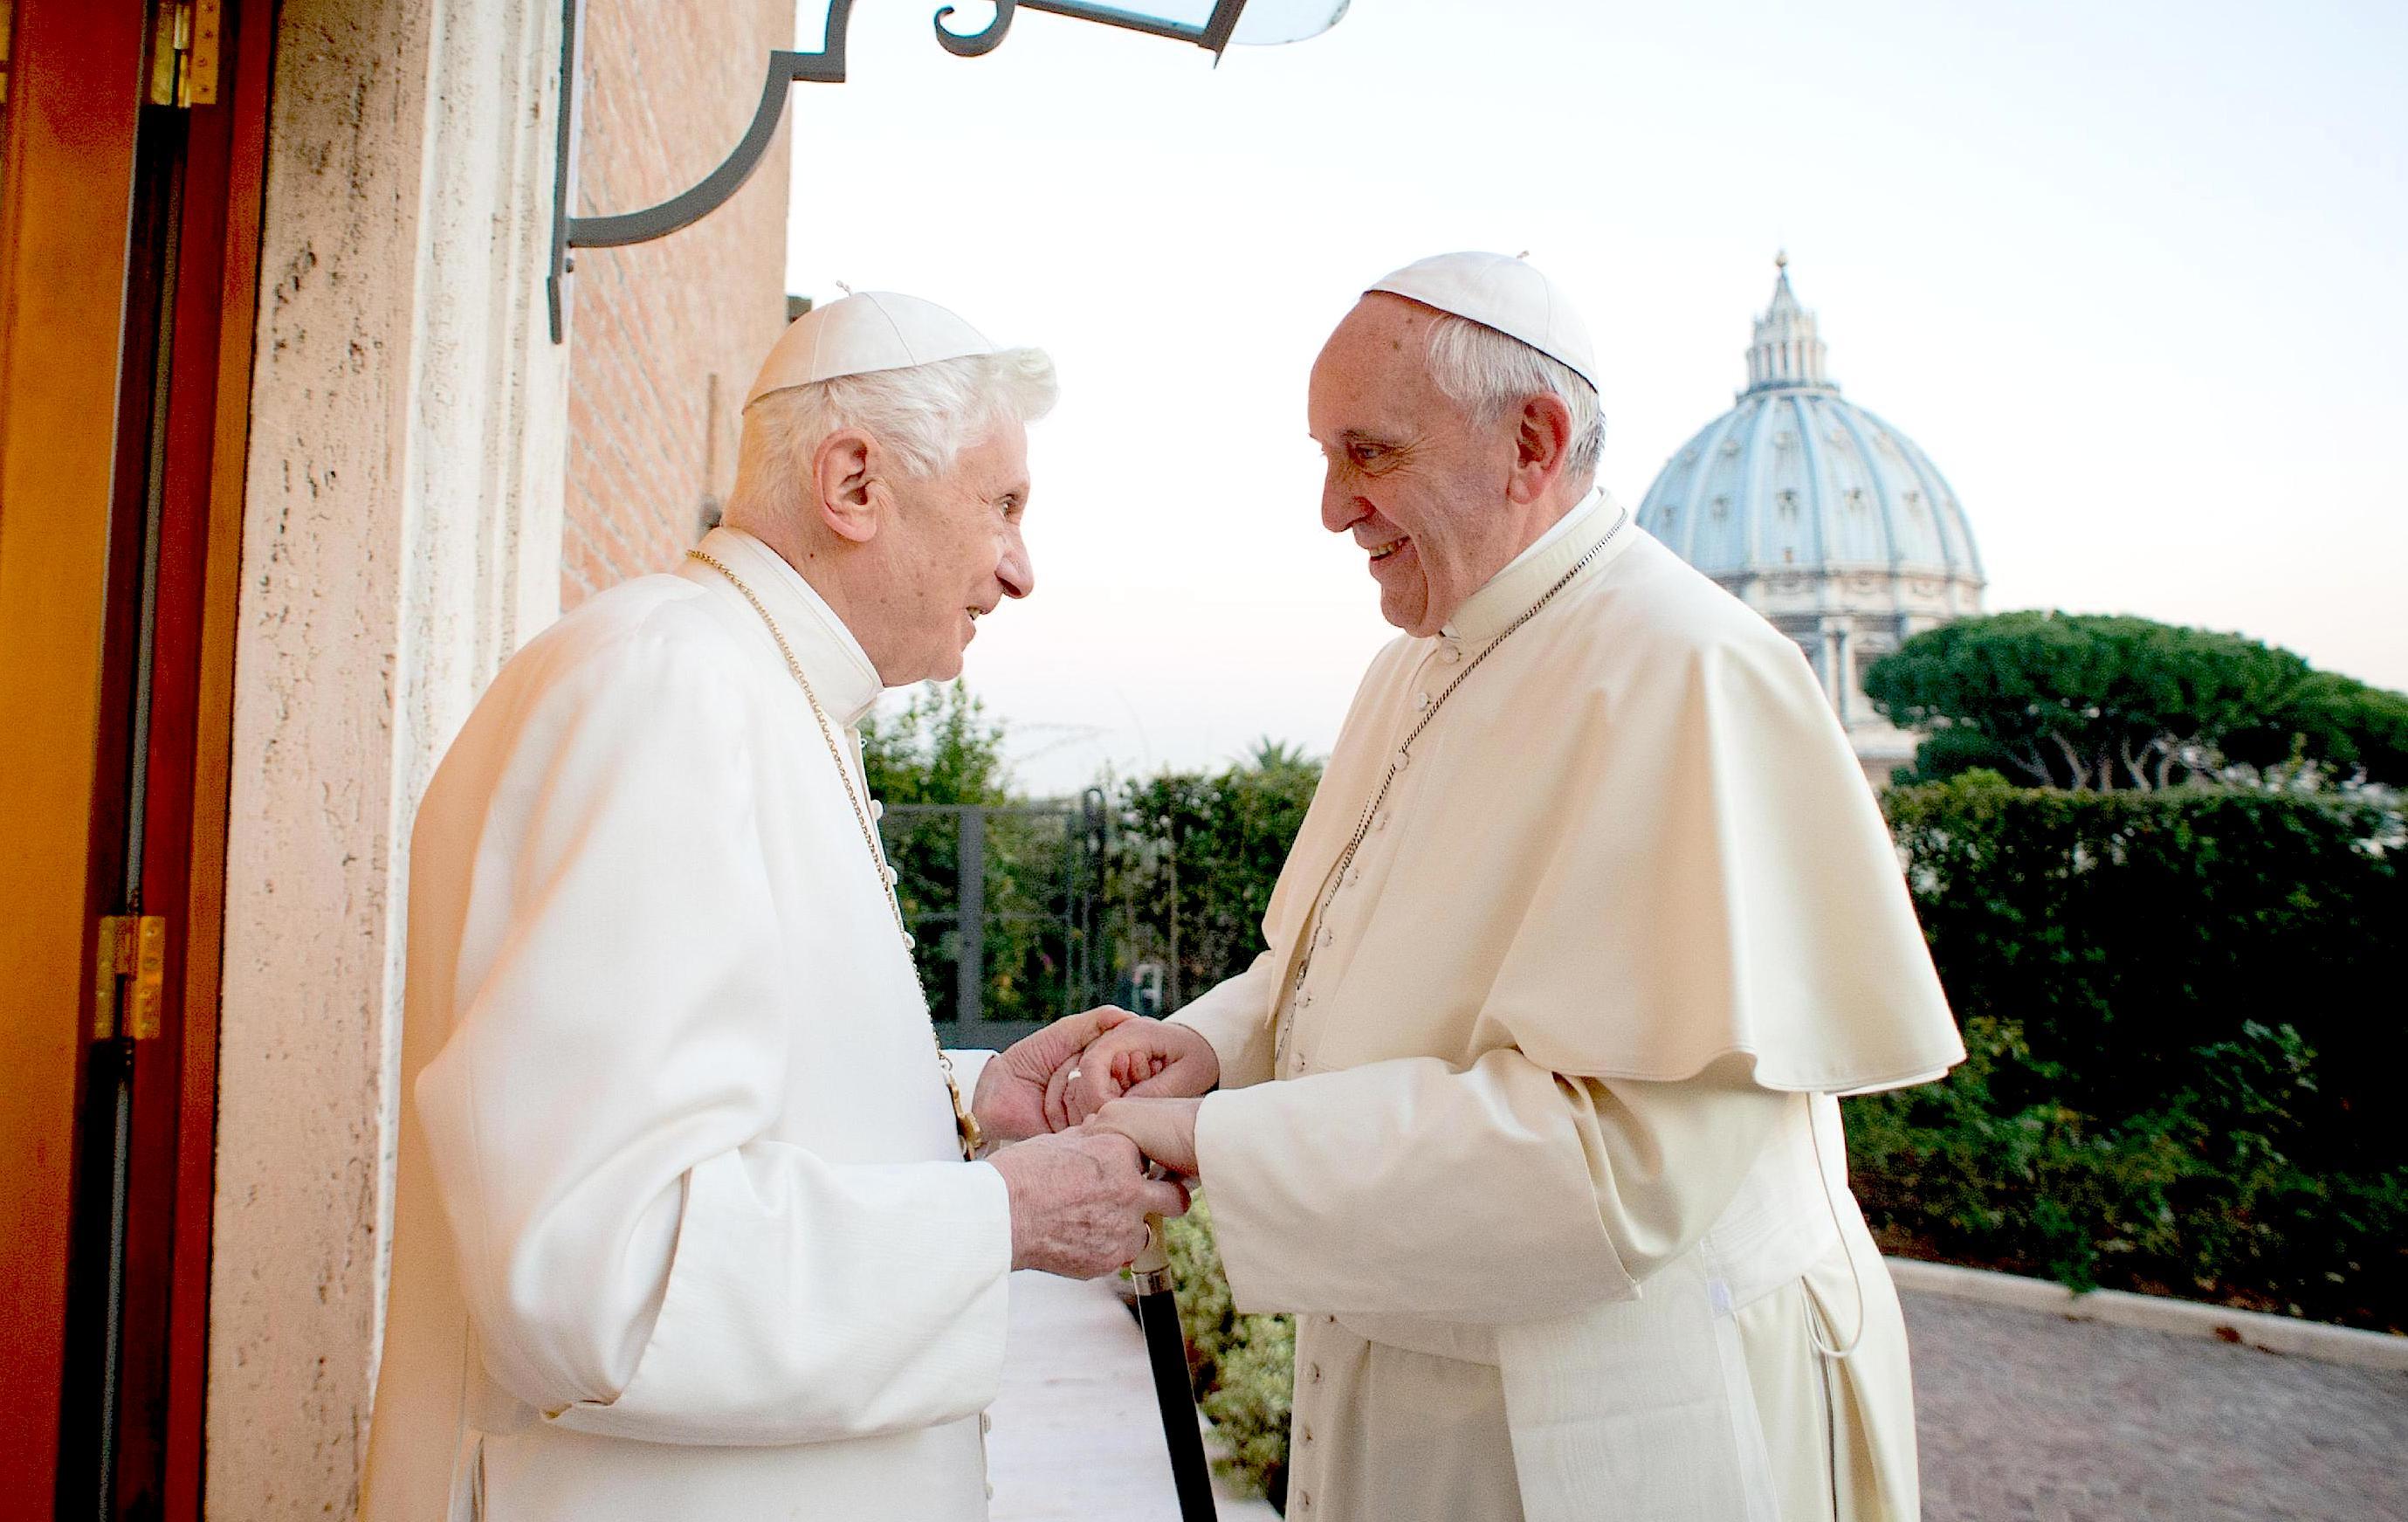 Pope Francis with pope emeritus Benedictus XVI